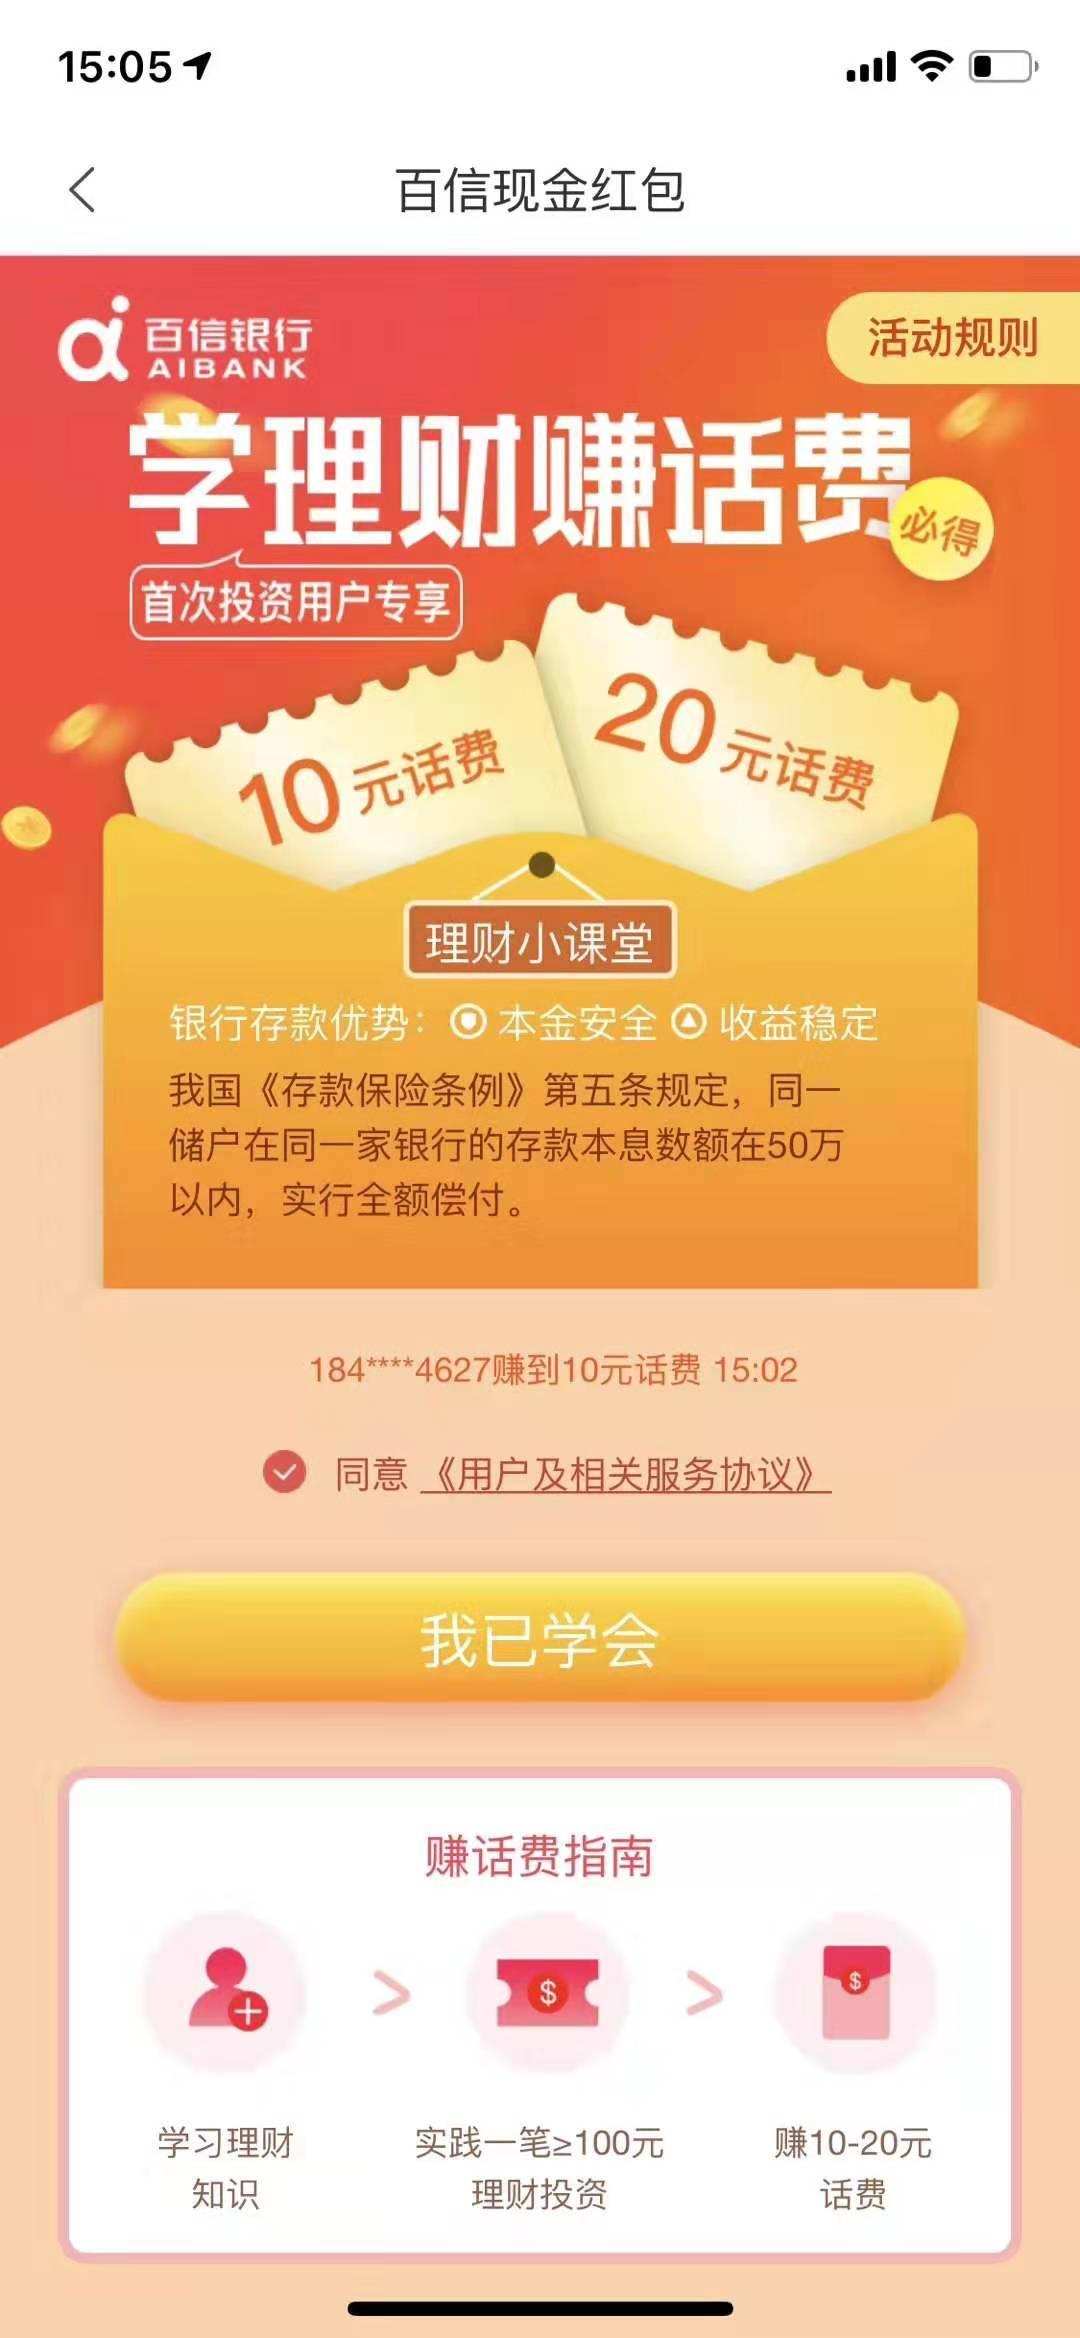 百信银行app新用户注册免费领取10-20元话费 网上赚钱 第2张